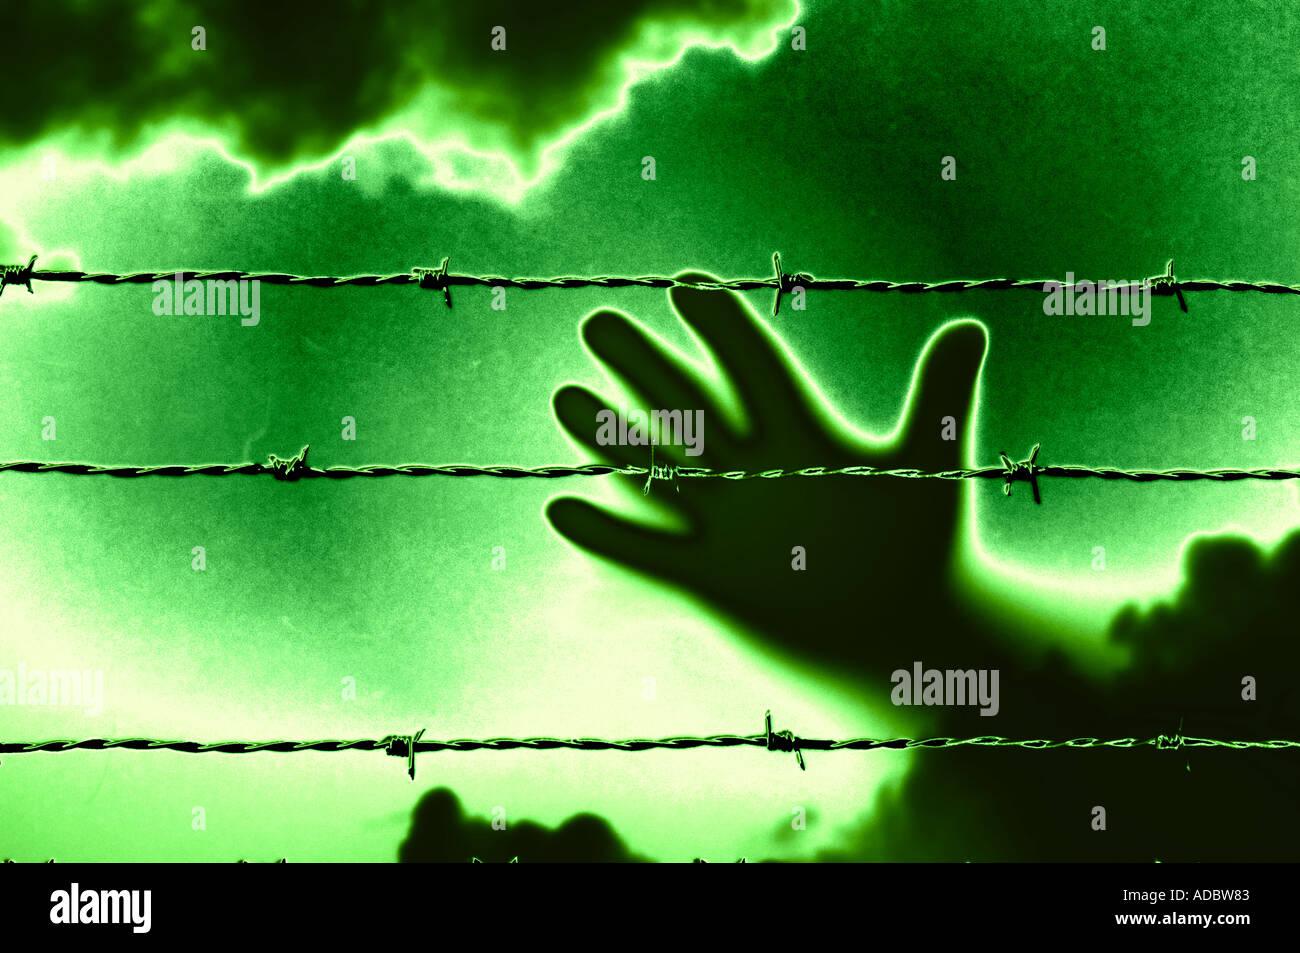 Llegar a mano de alambre de púas en la cárcel stockade concepto Imagen De Stock